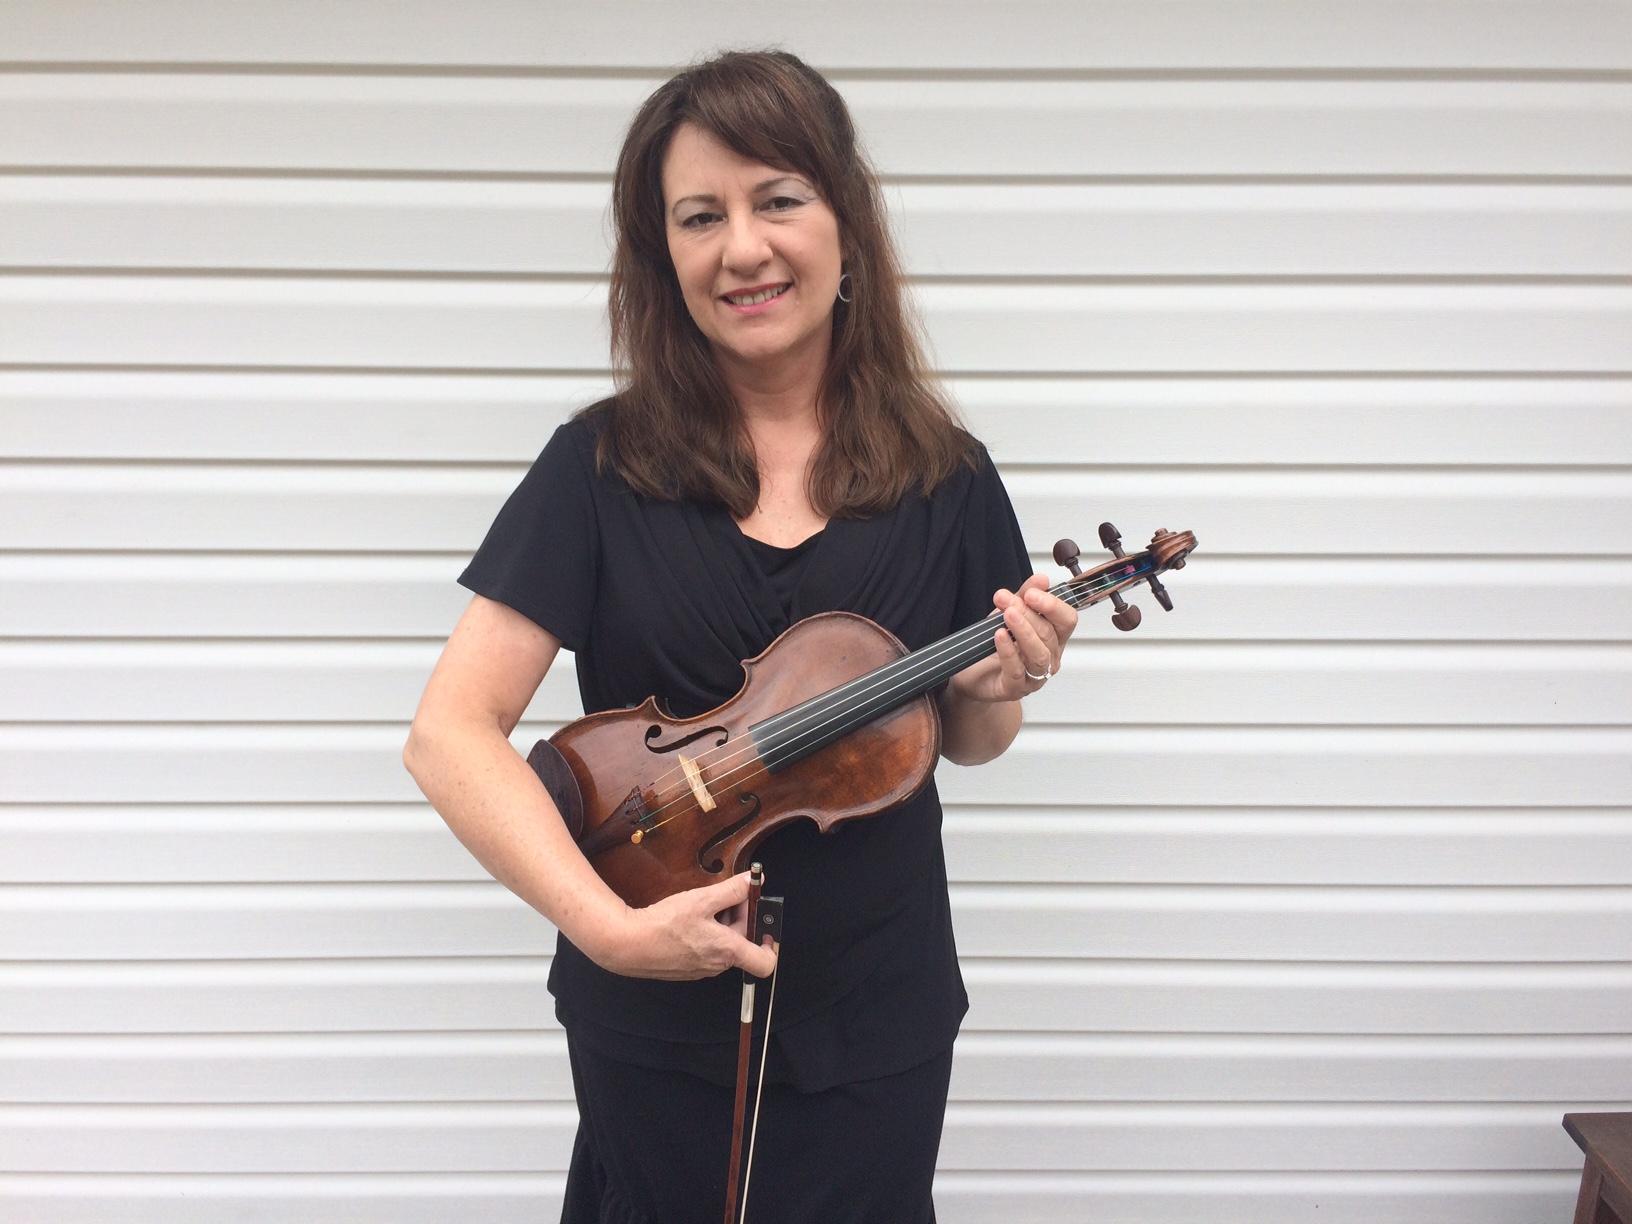 Judy Warner, Concertmaster